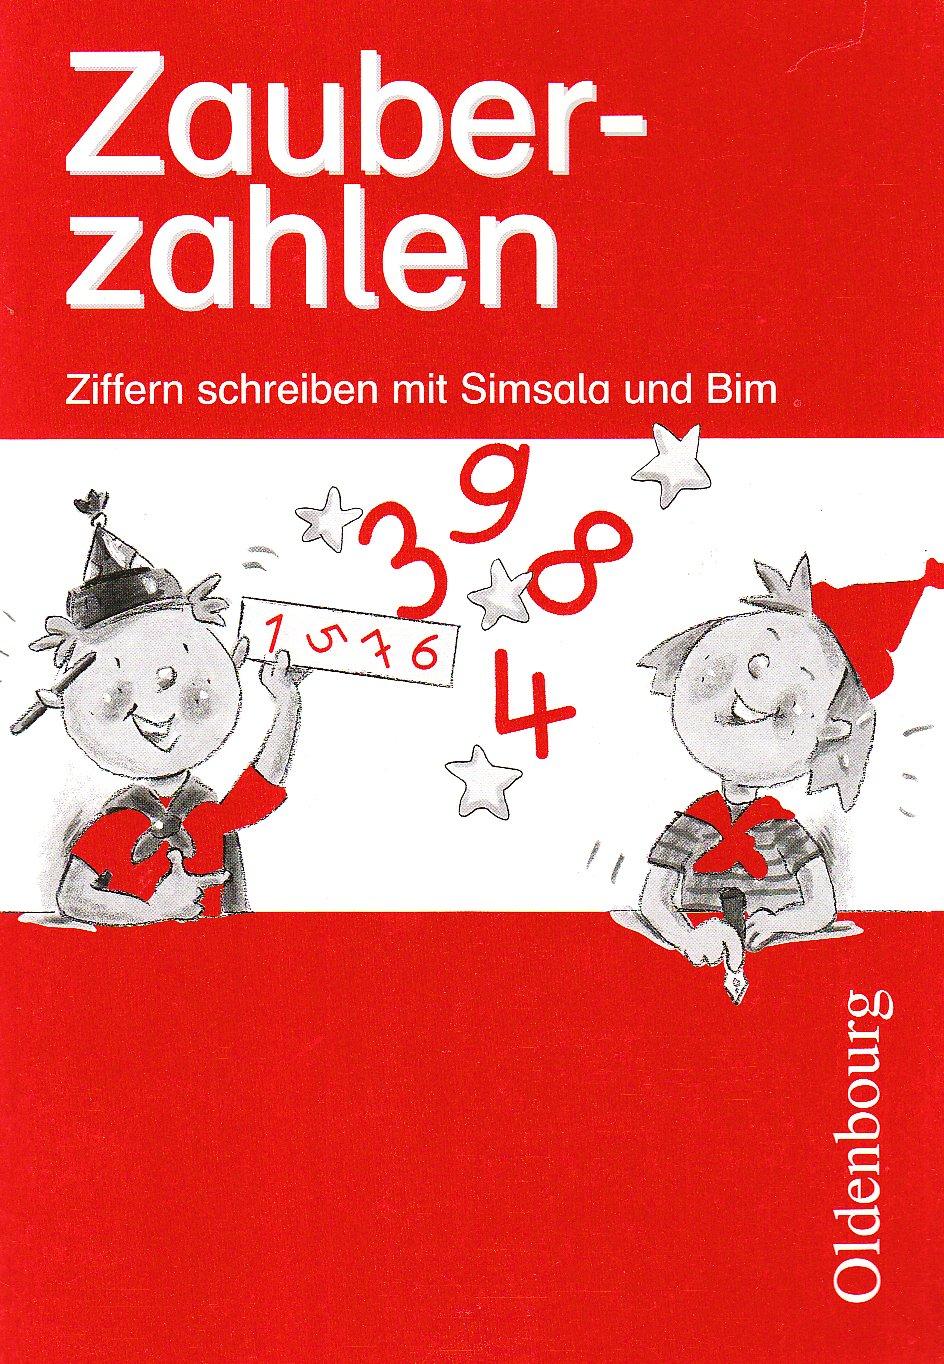 Zahlenzauber - Materialien zu allen Ausgaben: 1. Schuljahr - Zauberzahlen - Ziffern schreiben mit Simsala und Bim: Arbeitsheft